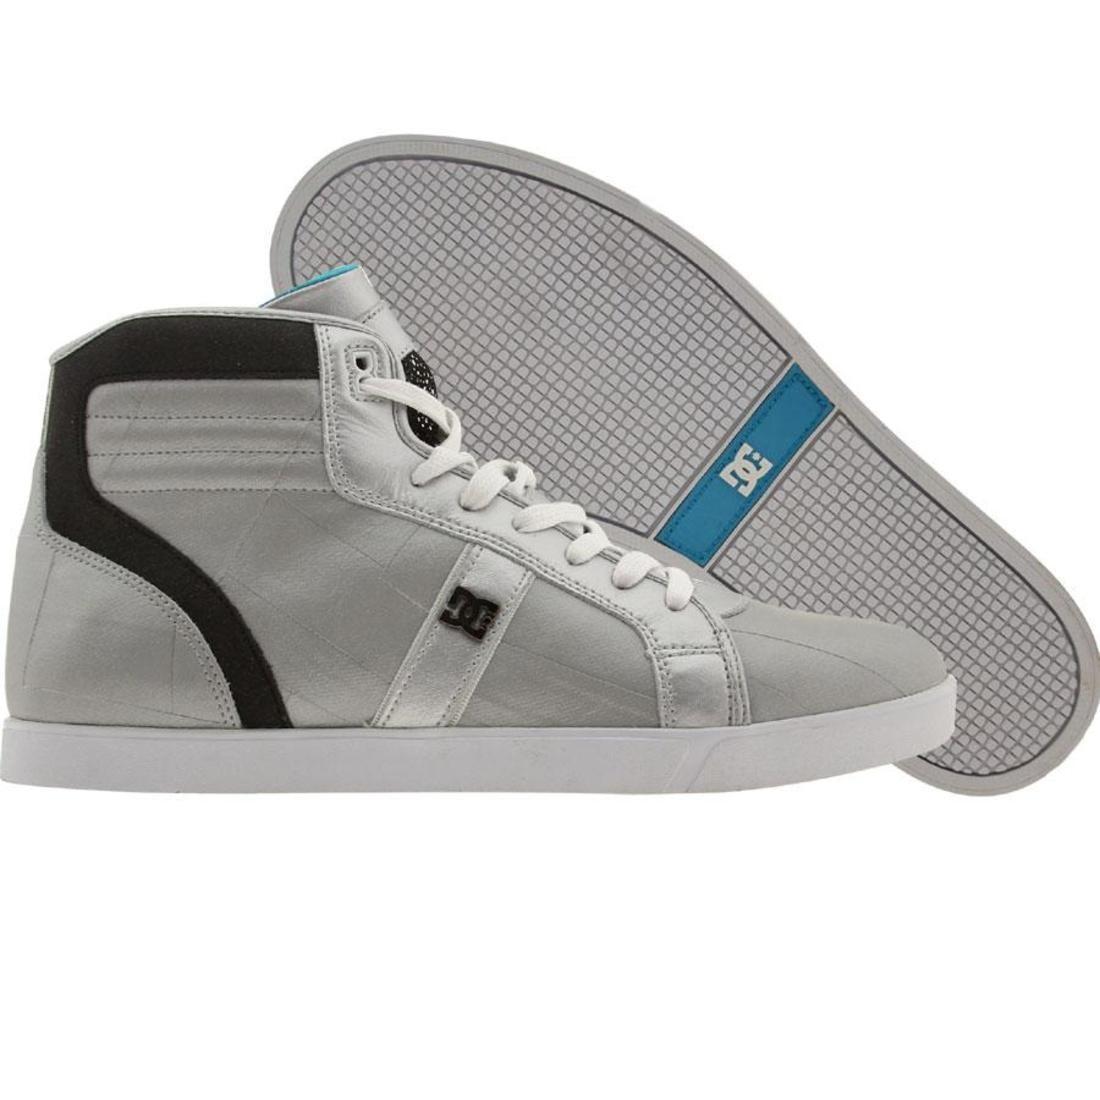 【海外限定】ディーシー コレクション ザンダー 銀色 シルバー 靴 メンズ靴 【 DC SILVER LIFE COLLECTION XANDER METALLIC BLACK 】